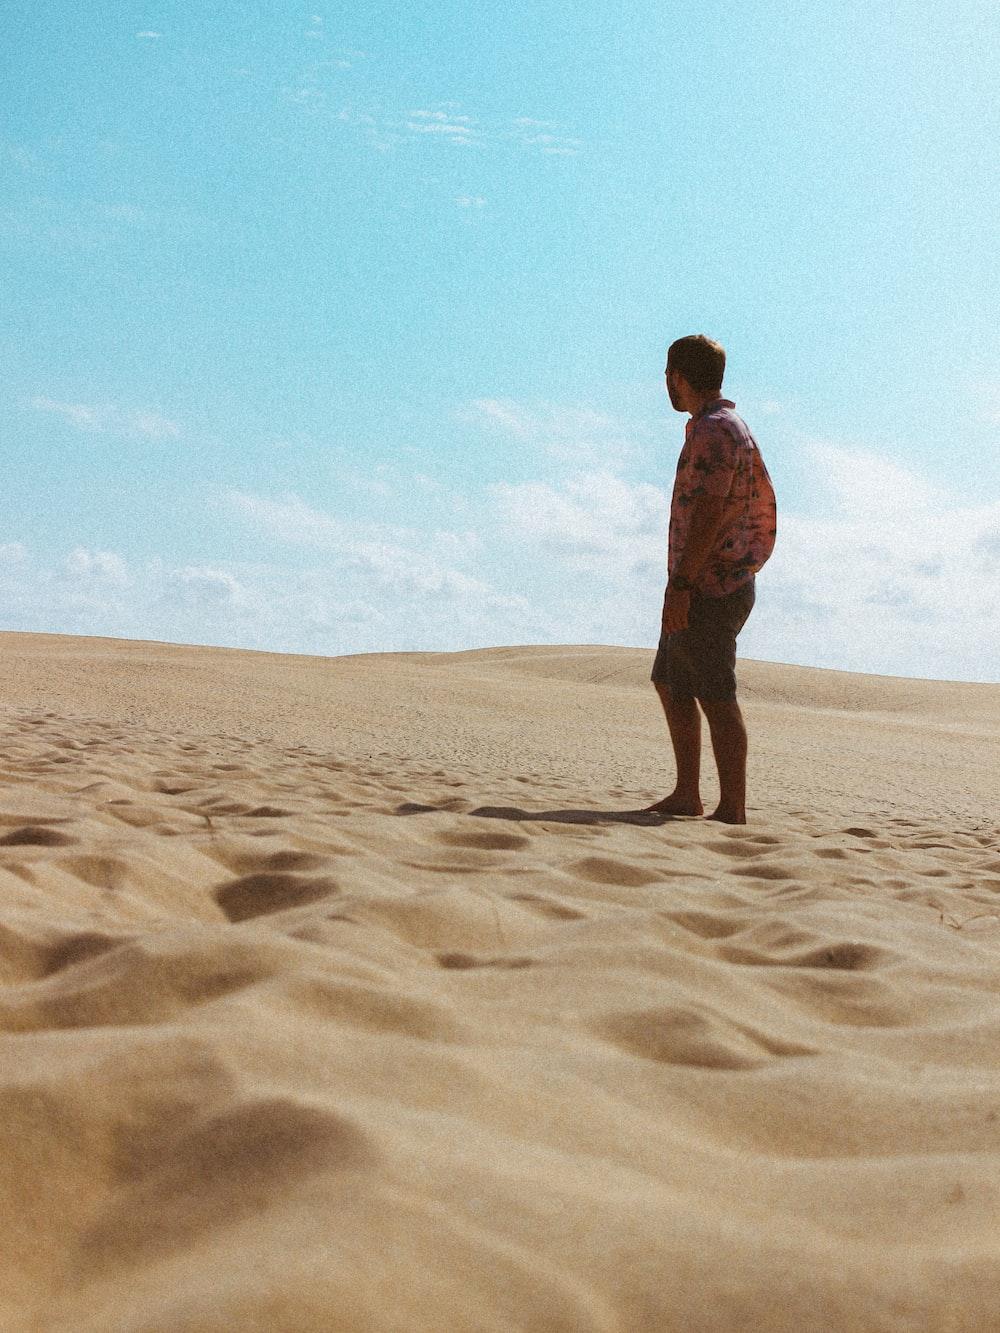 man standing on desert during daytime